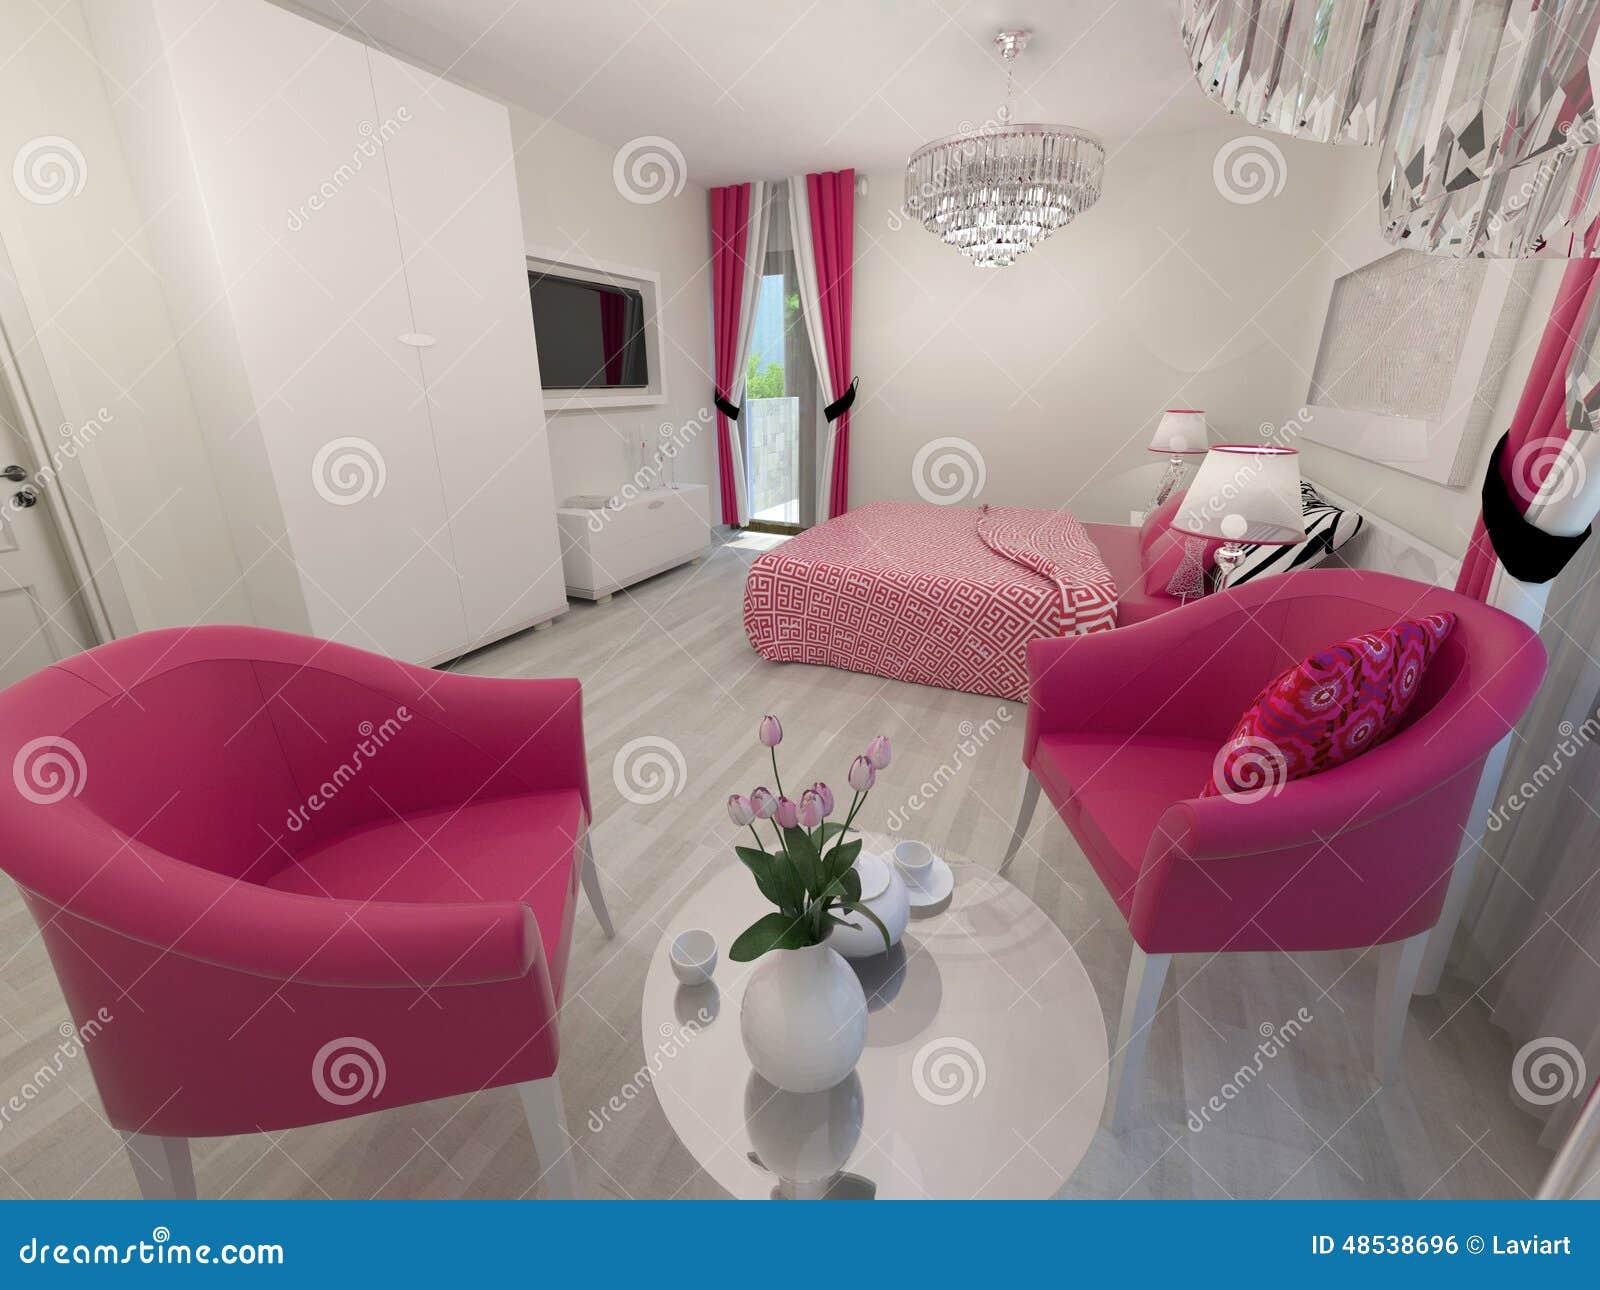 ... immagini stock simili di ` Camera da letto bianca e rosa moderna